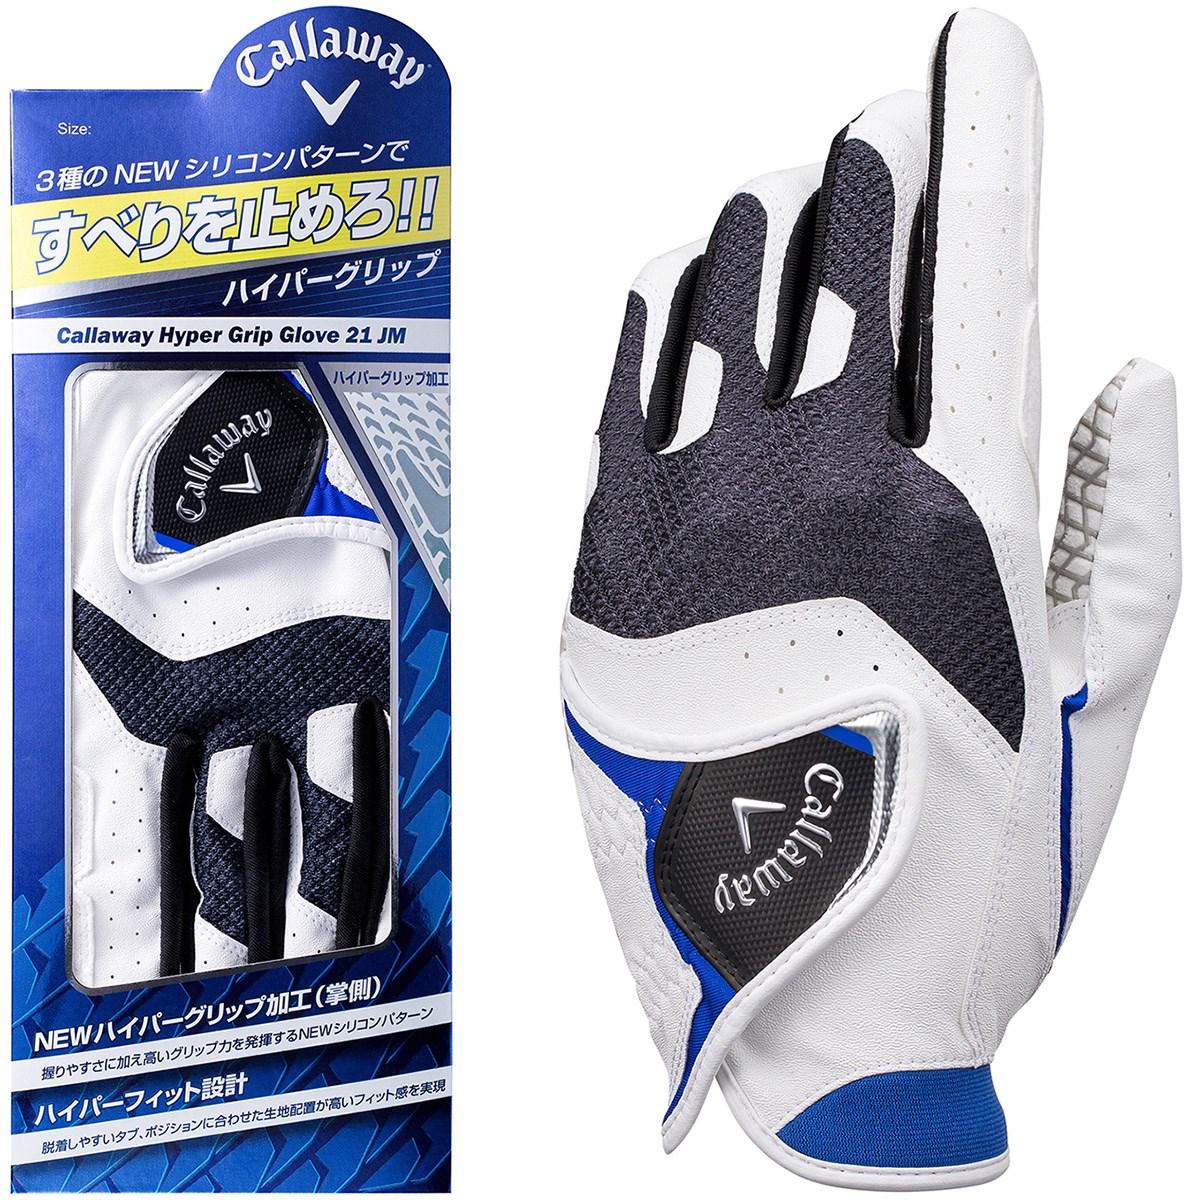 キャロウェイゴルフ Callaway Golf ハイパーグリップ グローブ 26cm 左手着用(右利き用) ホワイト/ブラック